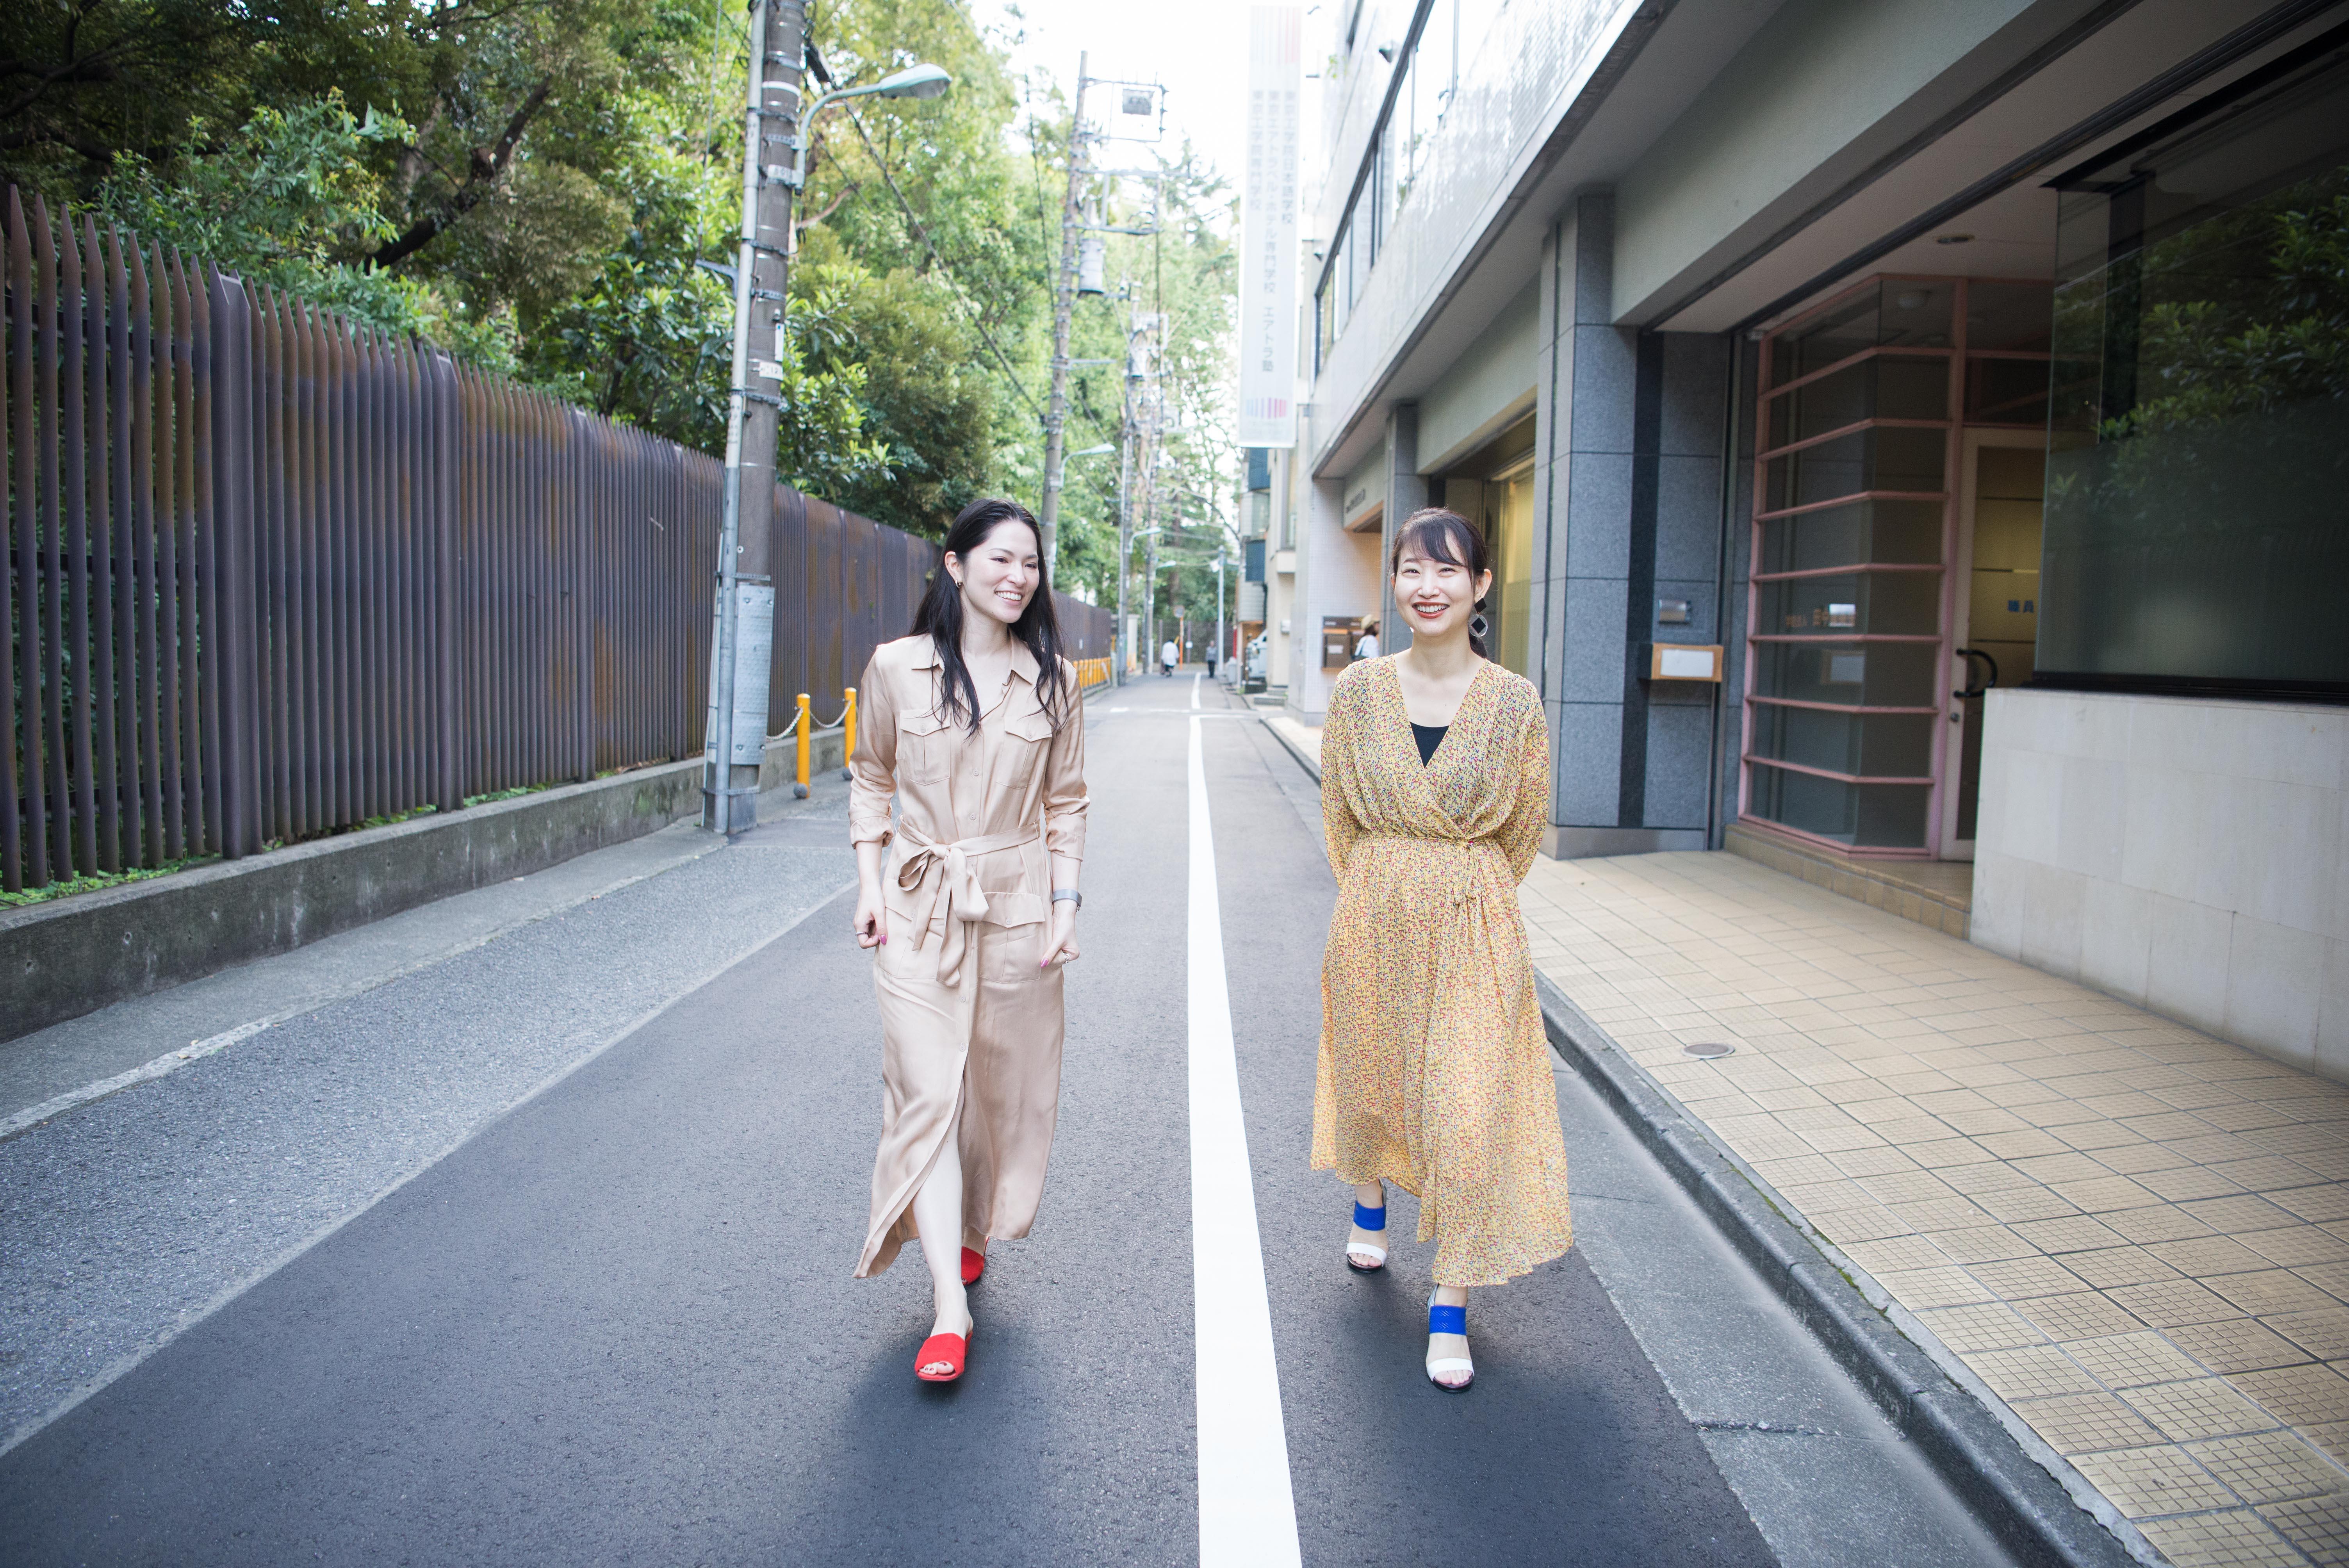 【写真】笑顔で街道を歩くもろずみはるかさんとライターのにしぶまりえさん